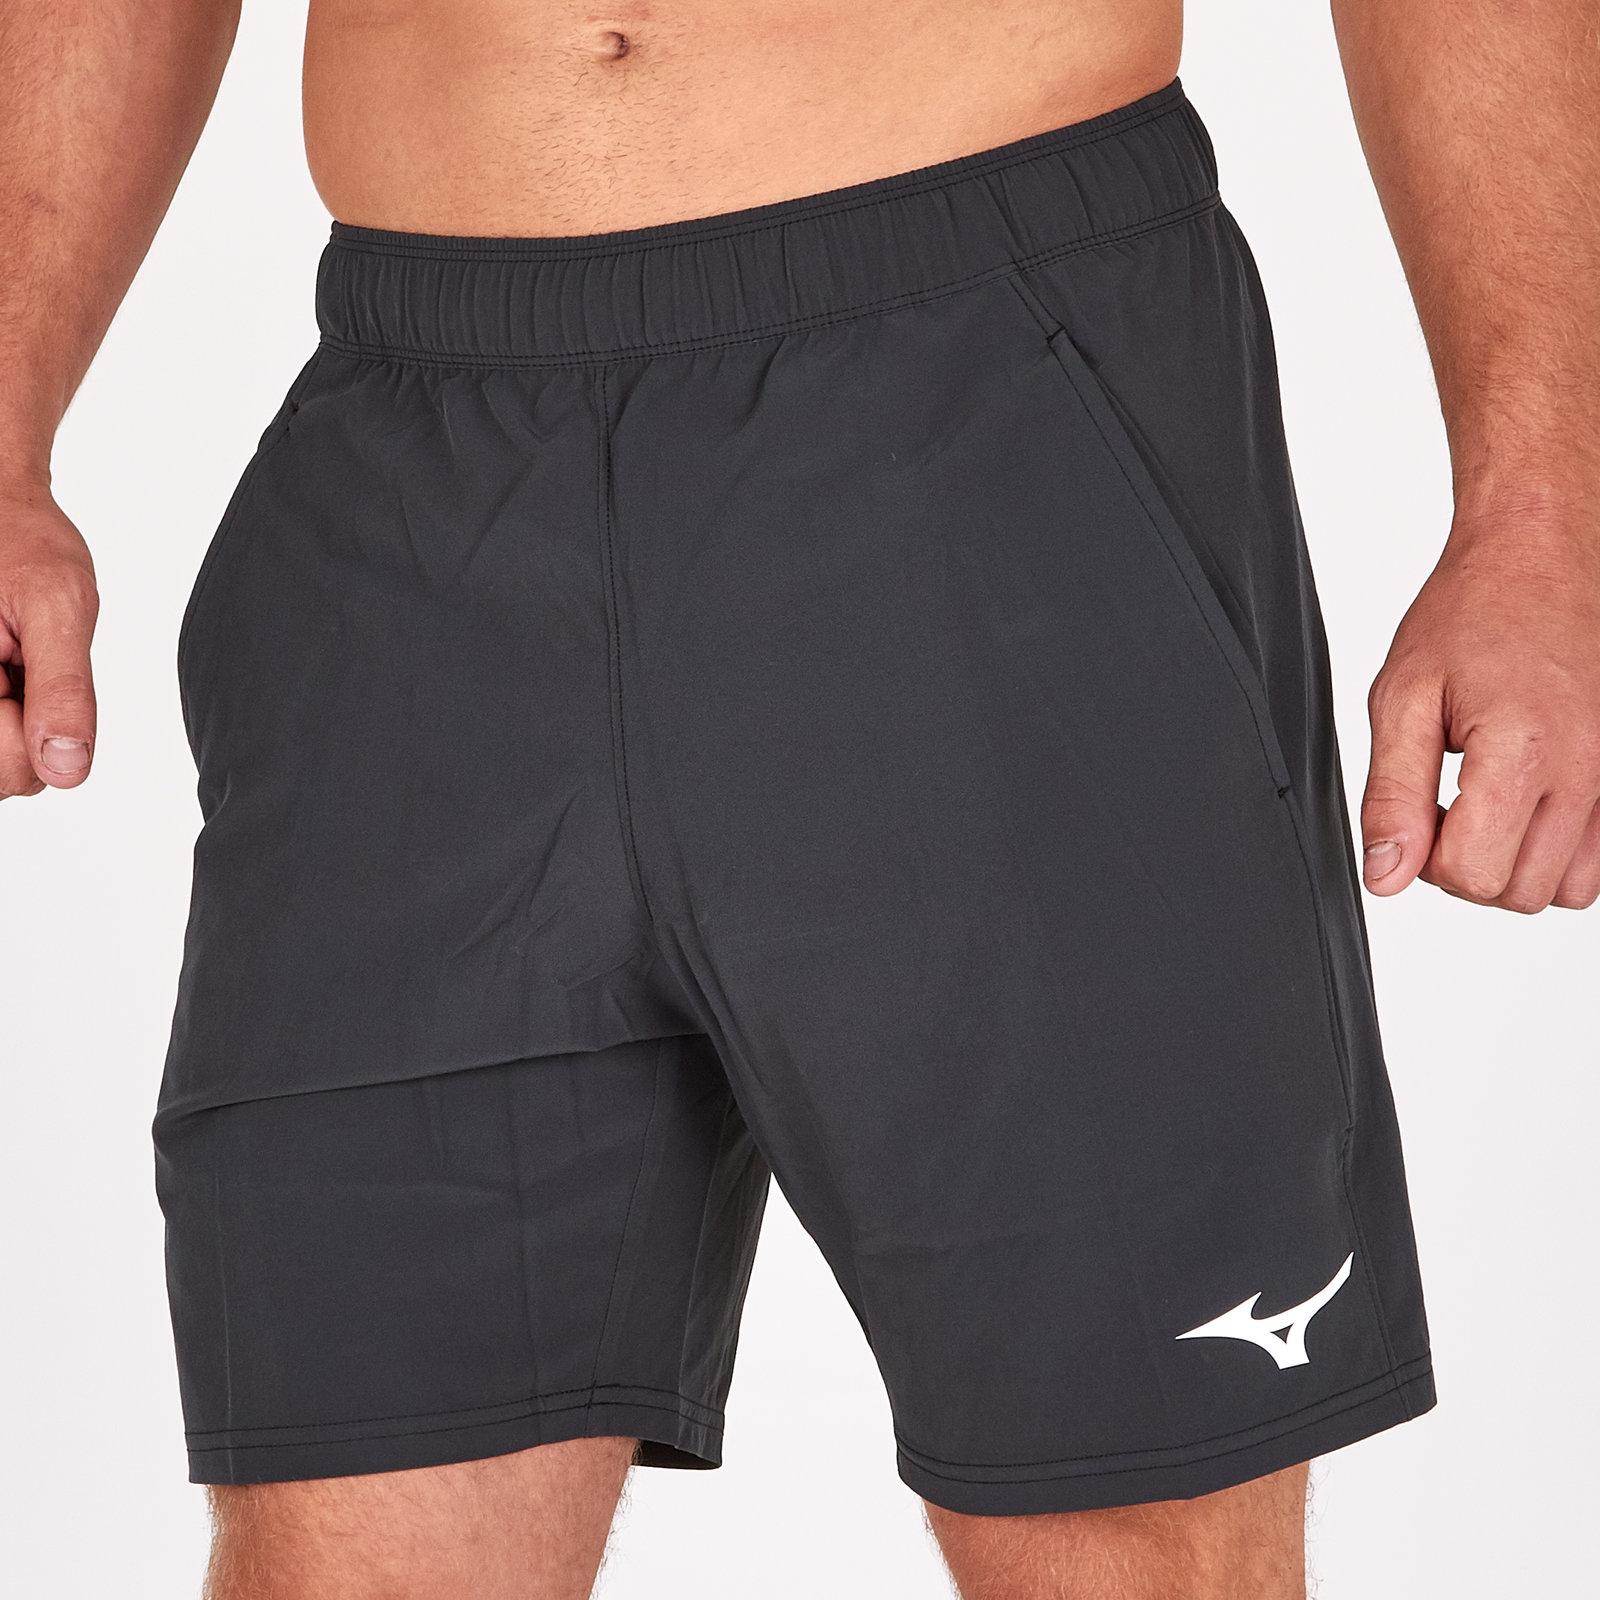 Mizuno 8 Inch Flex Shorts